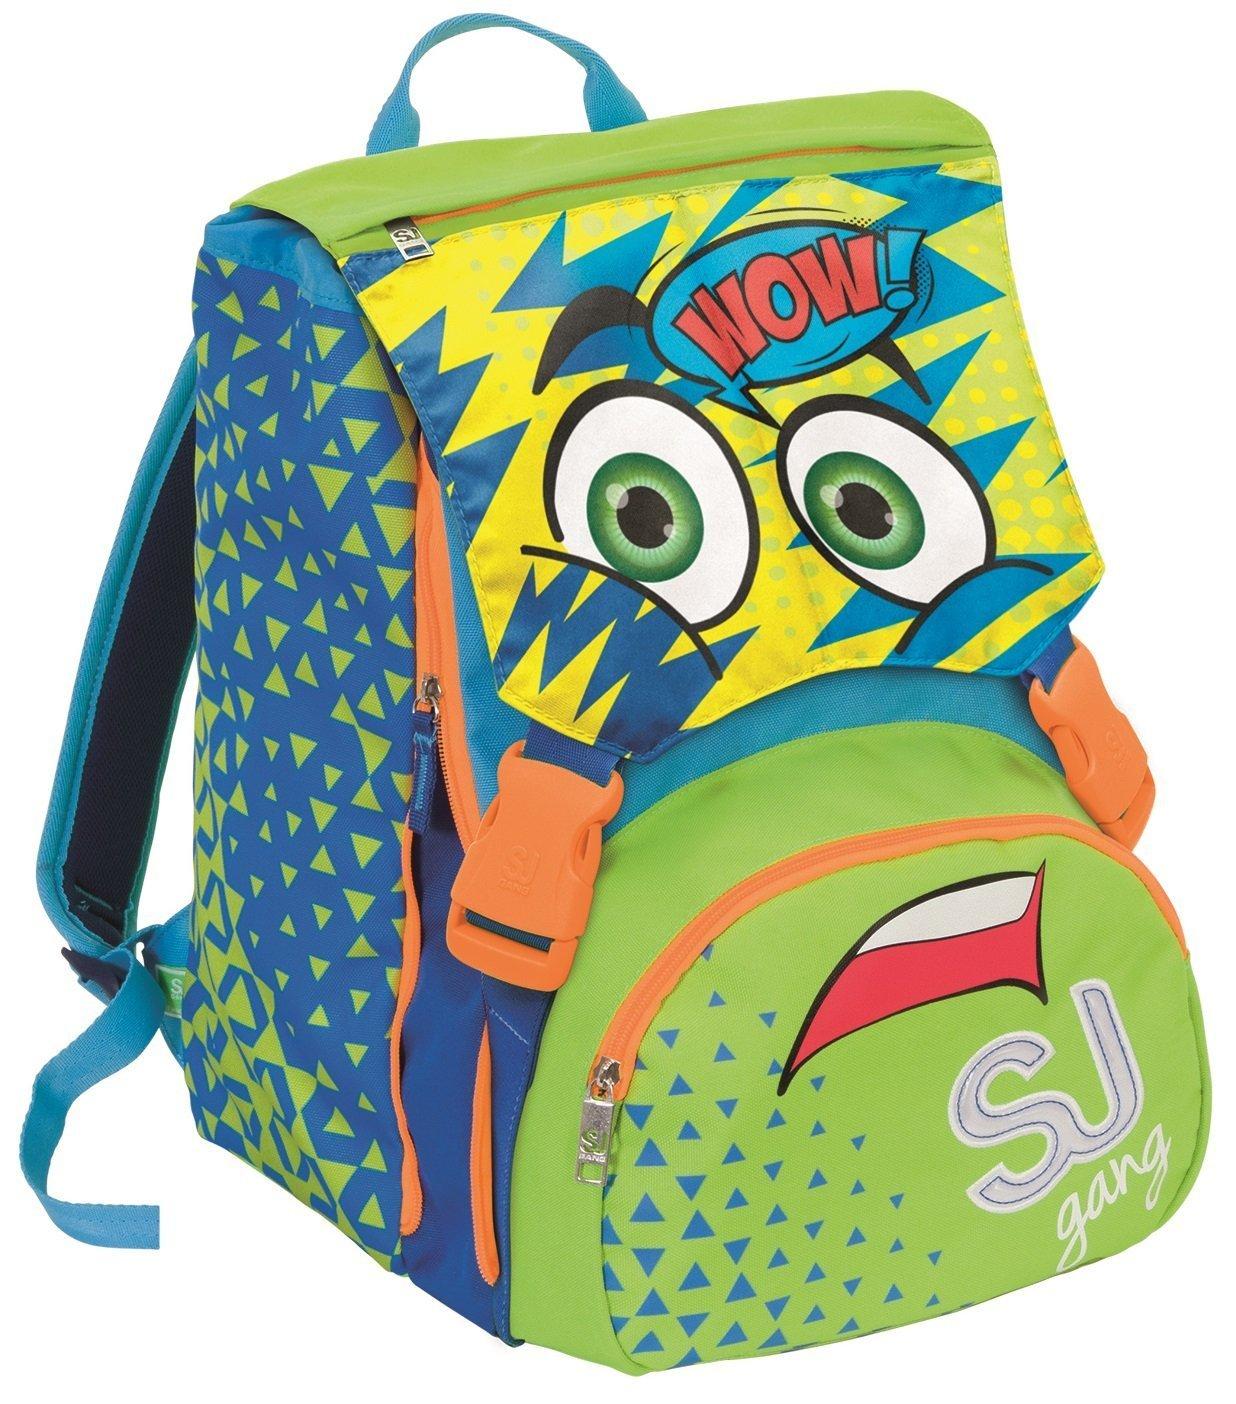 bdf2441365 ... Zaino scuola scuola scuola sdoppiabile SJ Gang - FACCE DA SJ - Azzurro  verde - FLIP ...